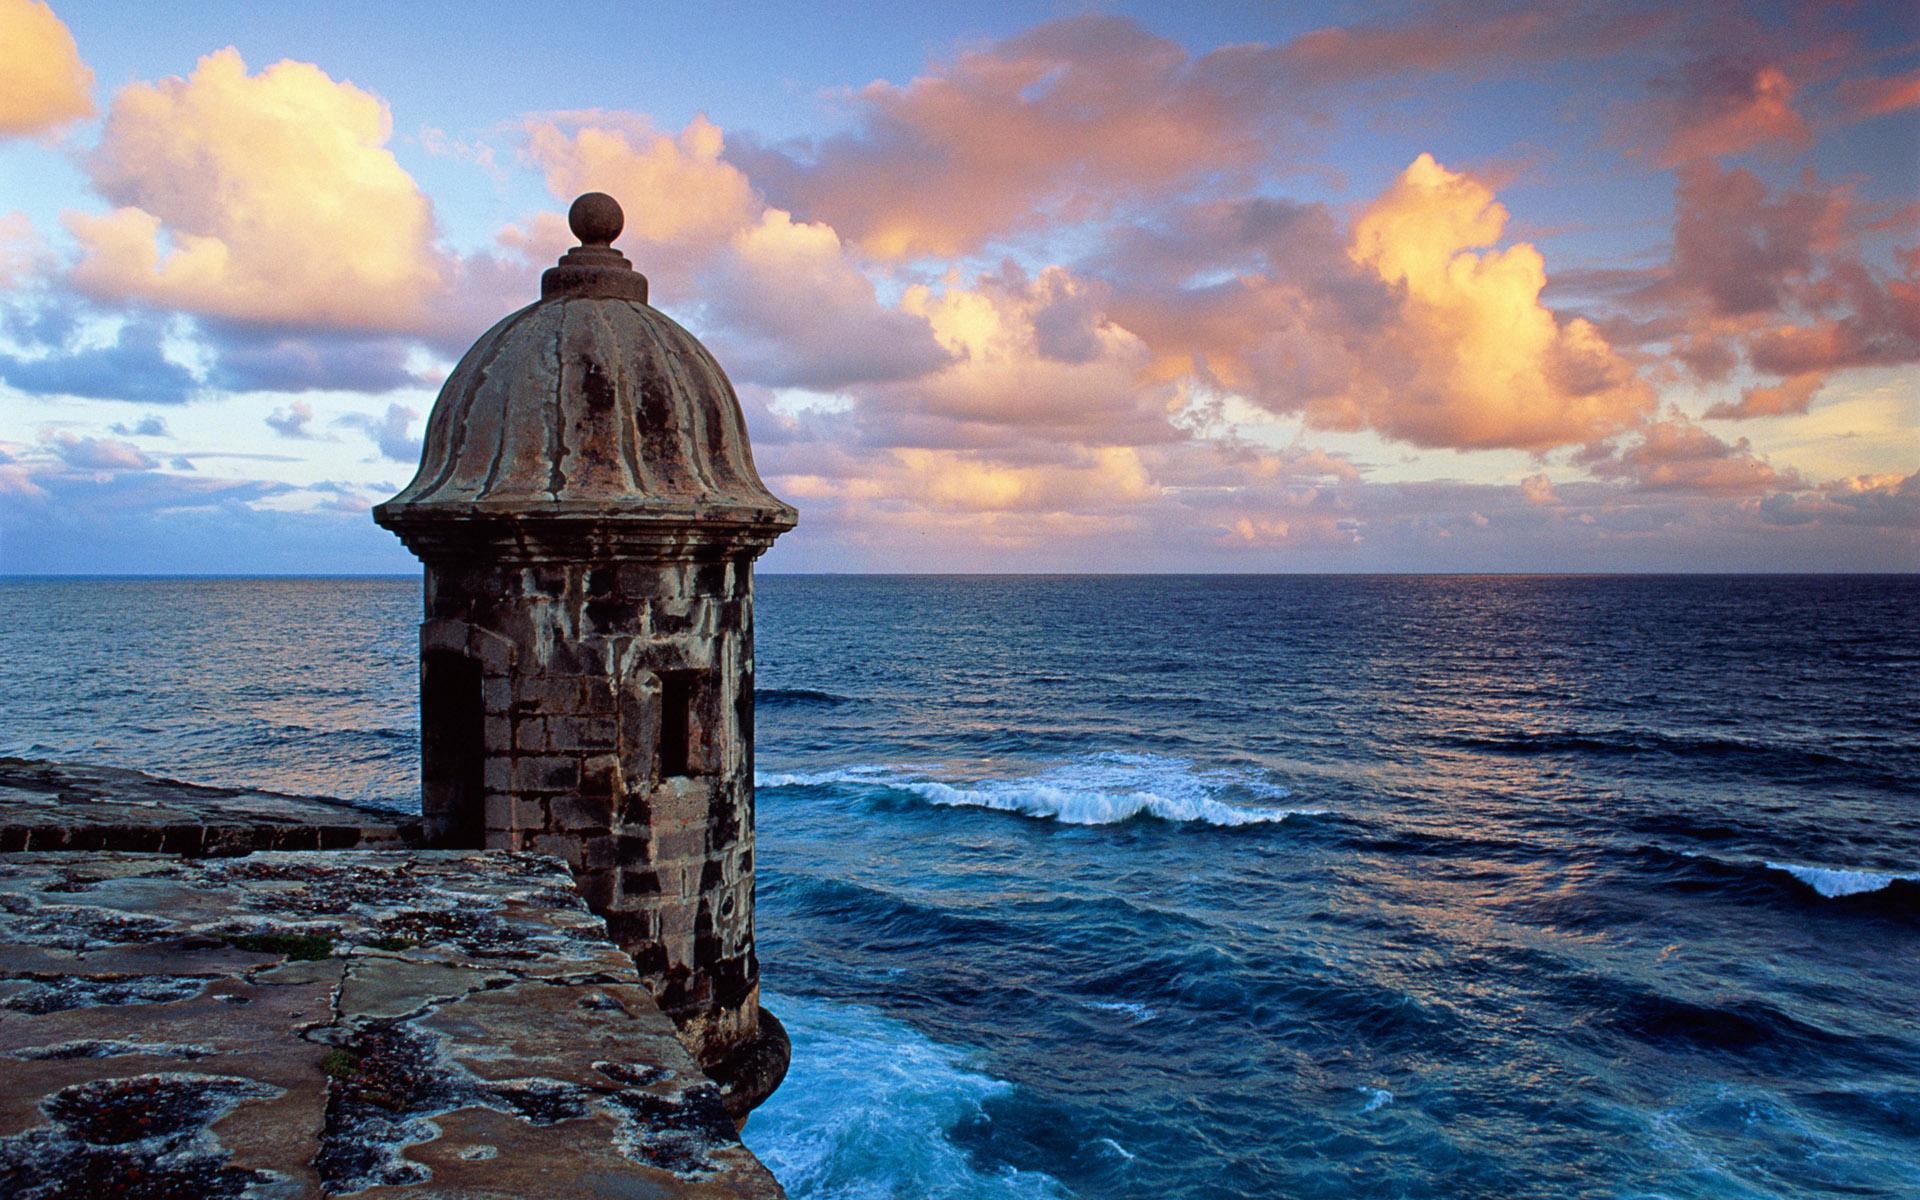 Temperatures Puerto Month Rico